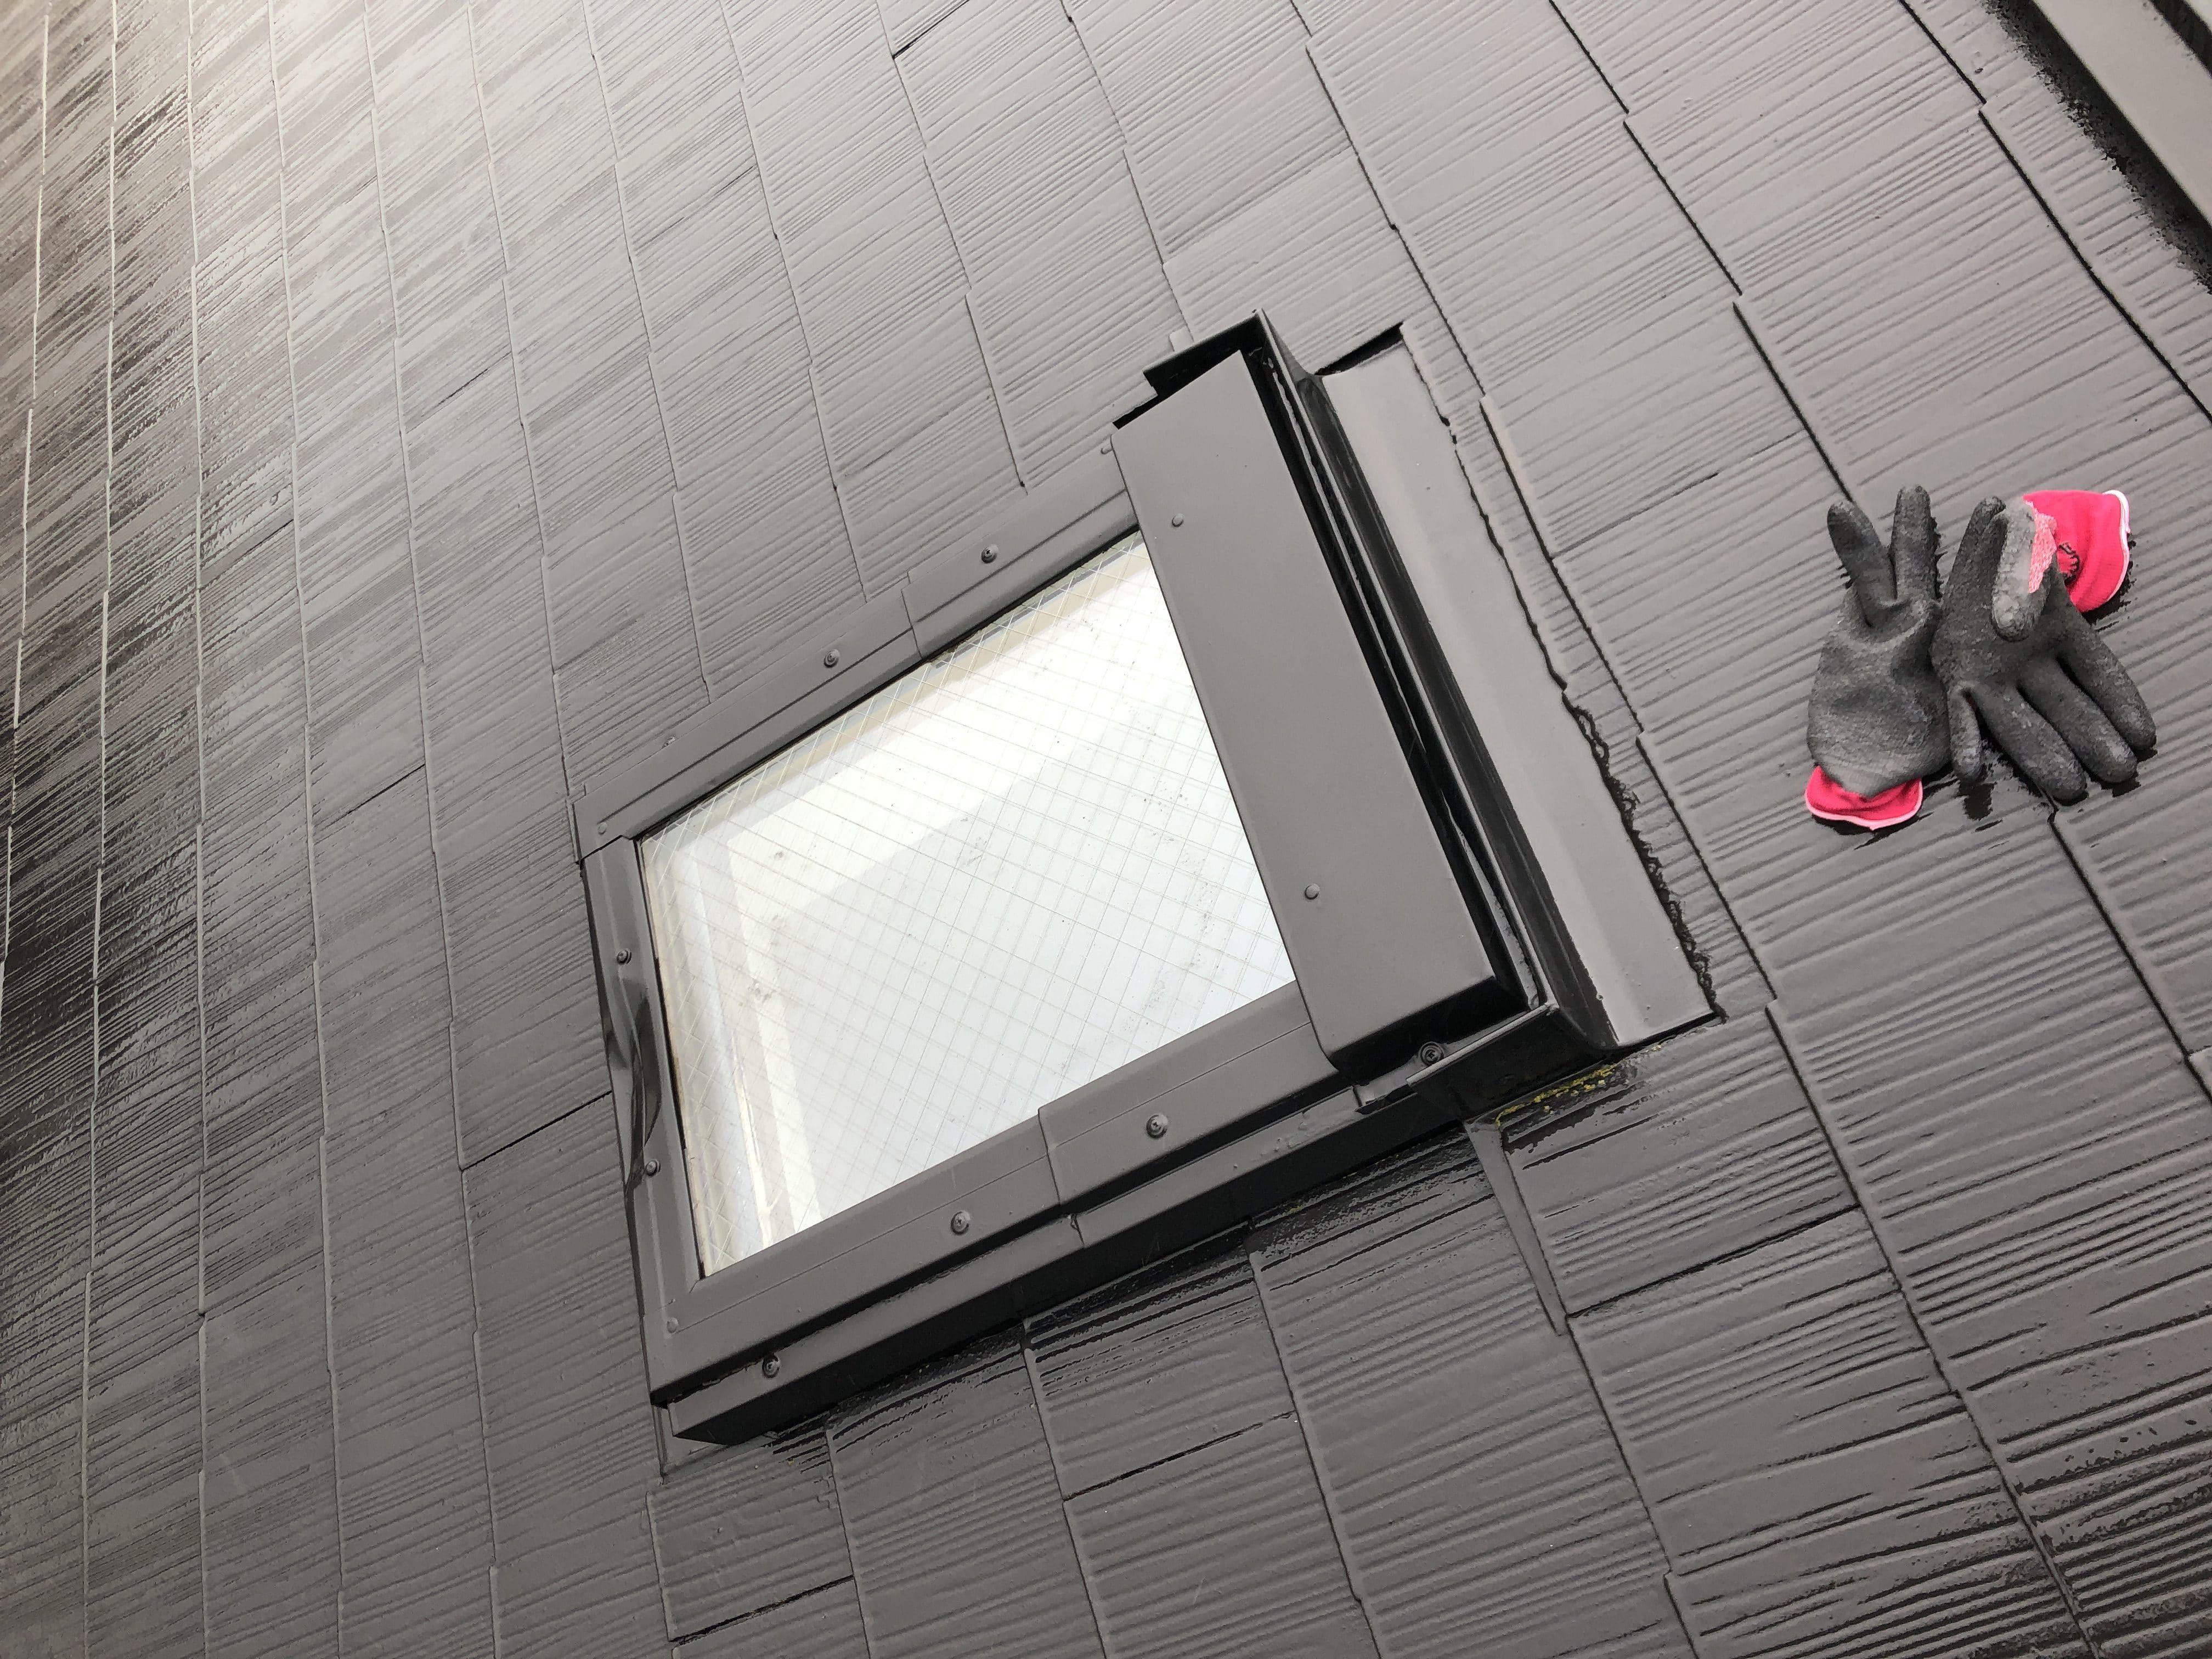 ベルックス天窓雨漏り修理事例 屋根側状況